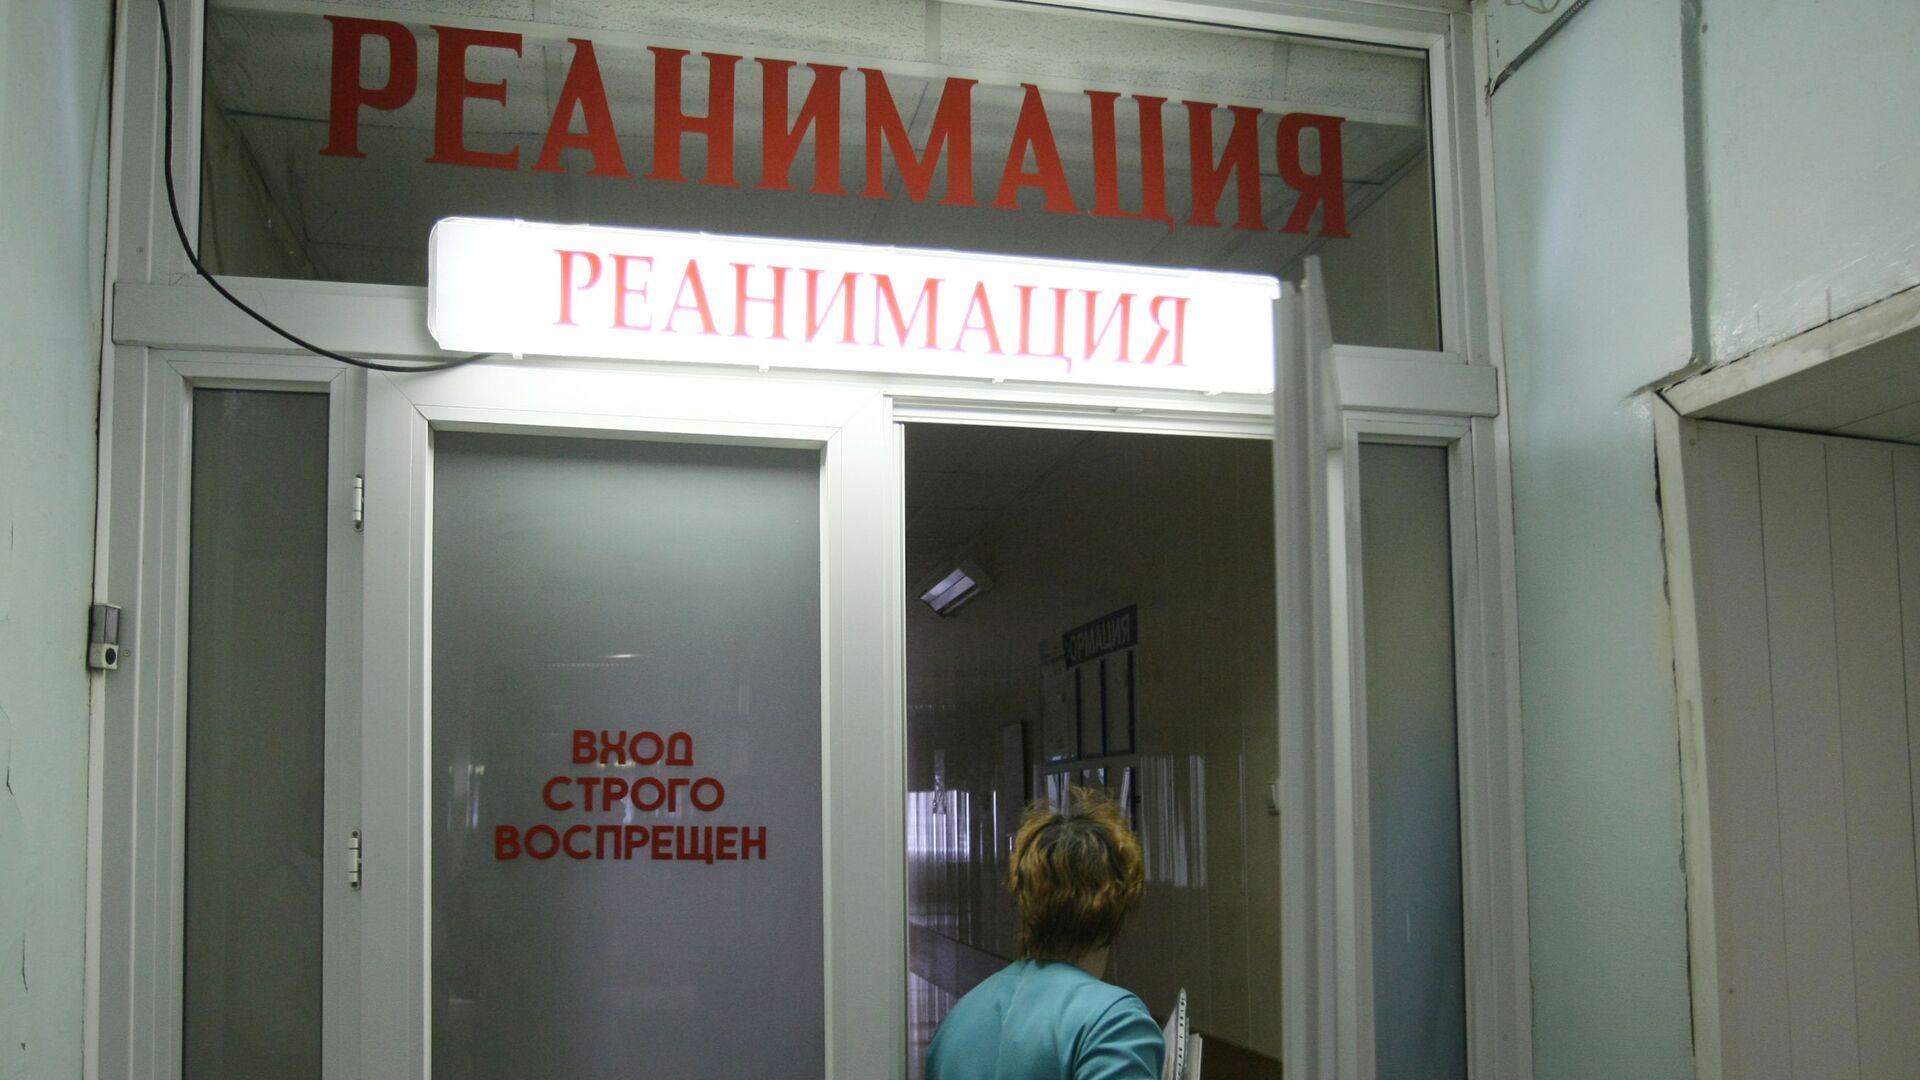 Отделение реанимации, архивное фото - Sputnik Беларусь, 1920, 01.10.2021